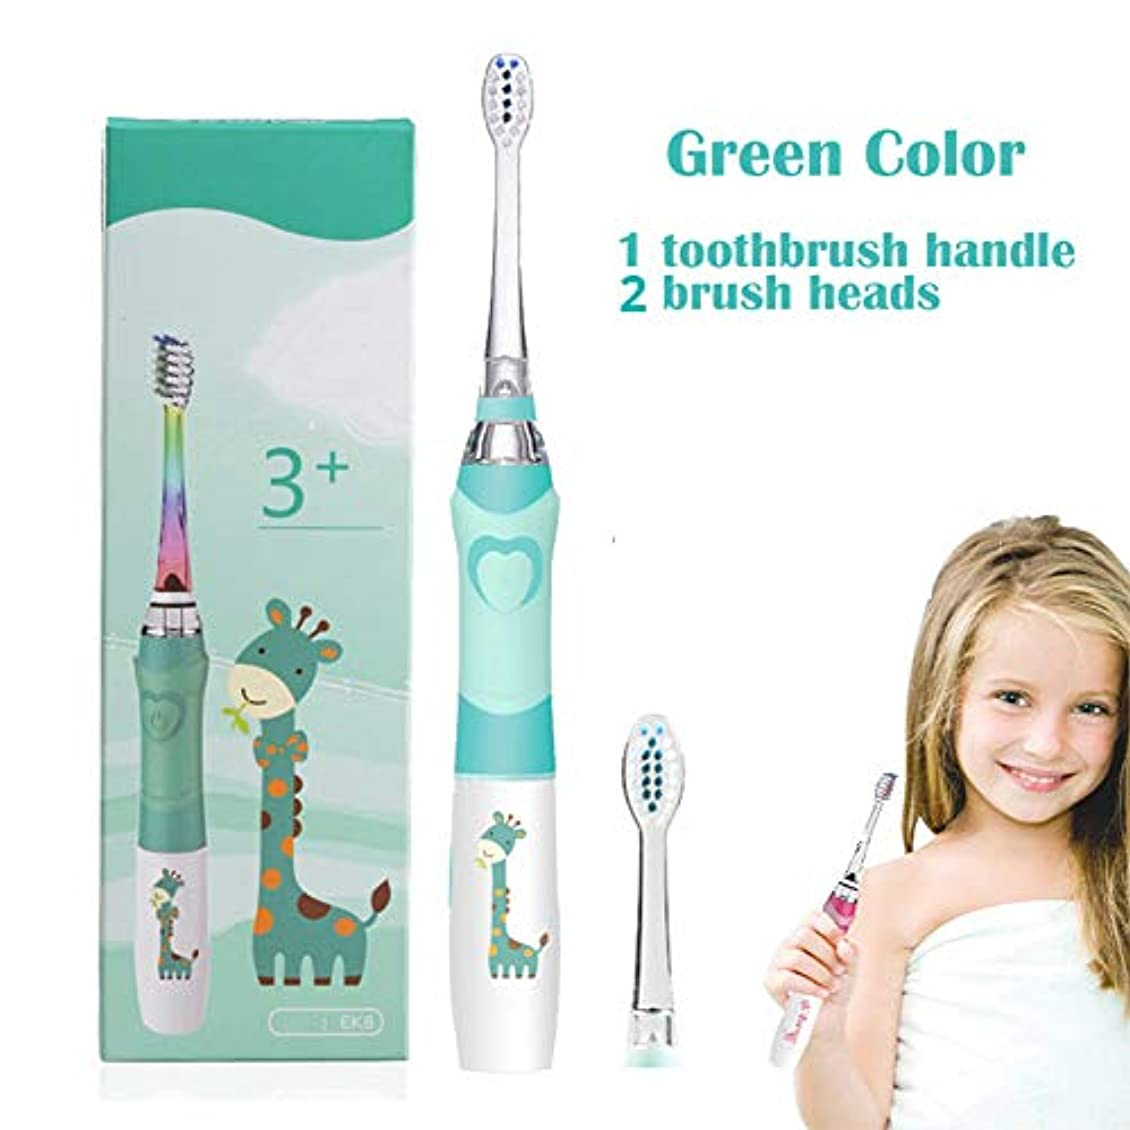 昼寝トースト宿るベビー電動歯ブラシ、スマートタイマーLEDライトカラー歯ブラシ柔らかい毛ブラシヘッドベビーホワイトの口の歯,グリーン